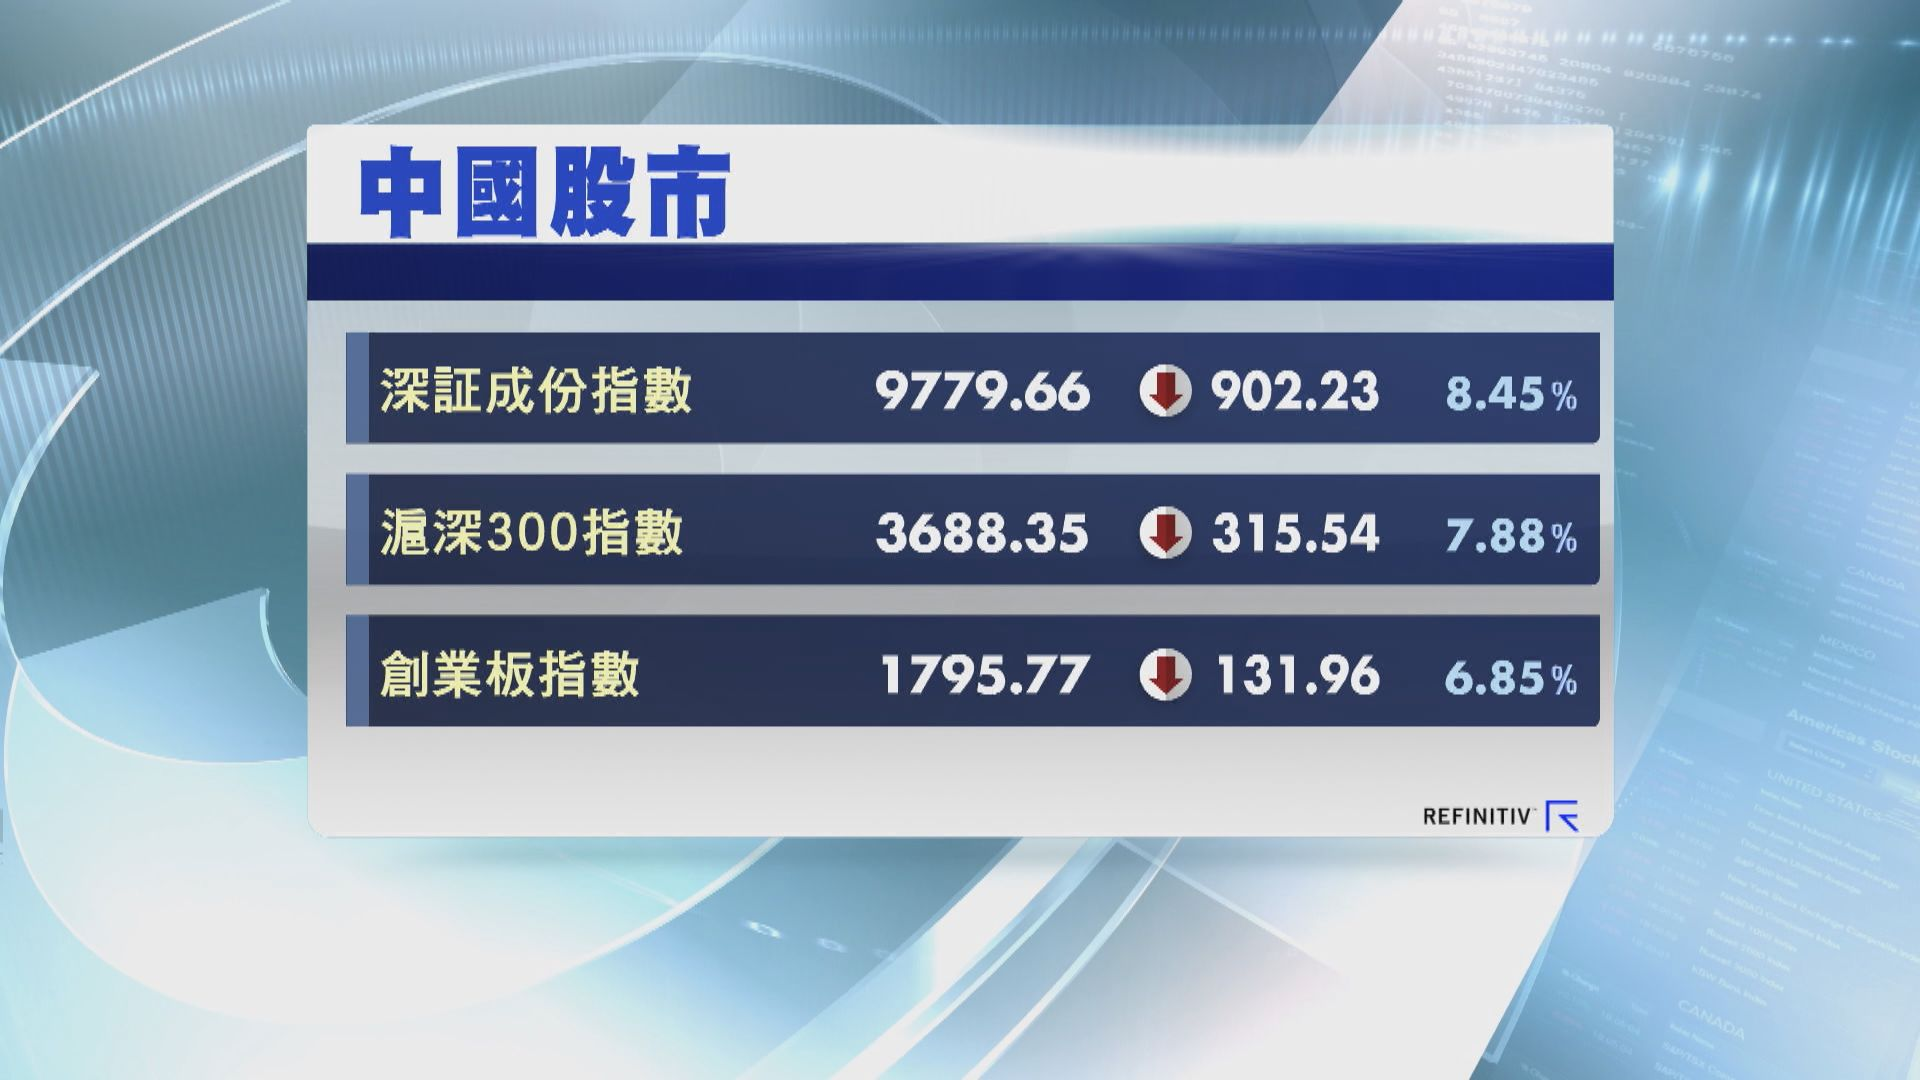 【鼠年復市】疫情陰霾拖累內地主要股指數急跌6%至8%